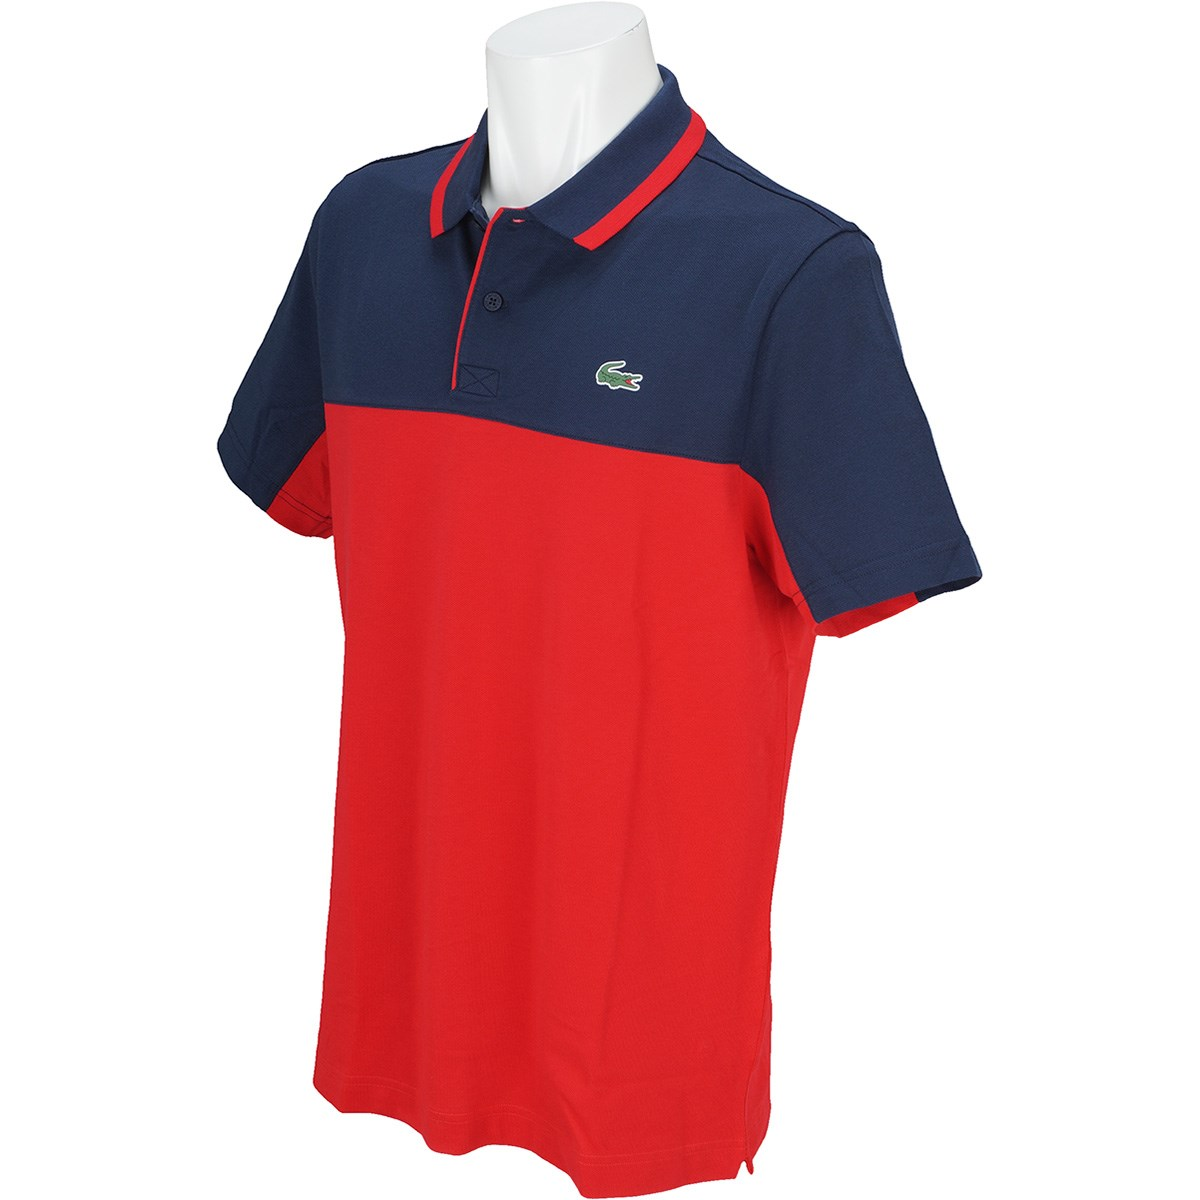 ラコステ SPORT GOLF カラーブロック テクニカルプチピケ 半袖ポロシャツ